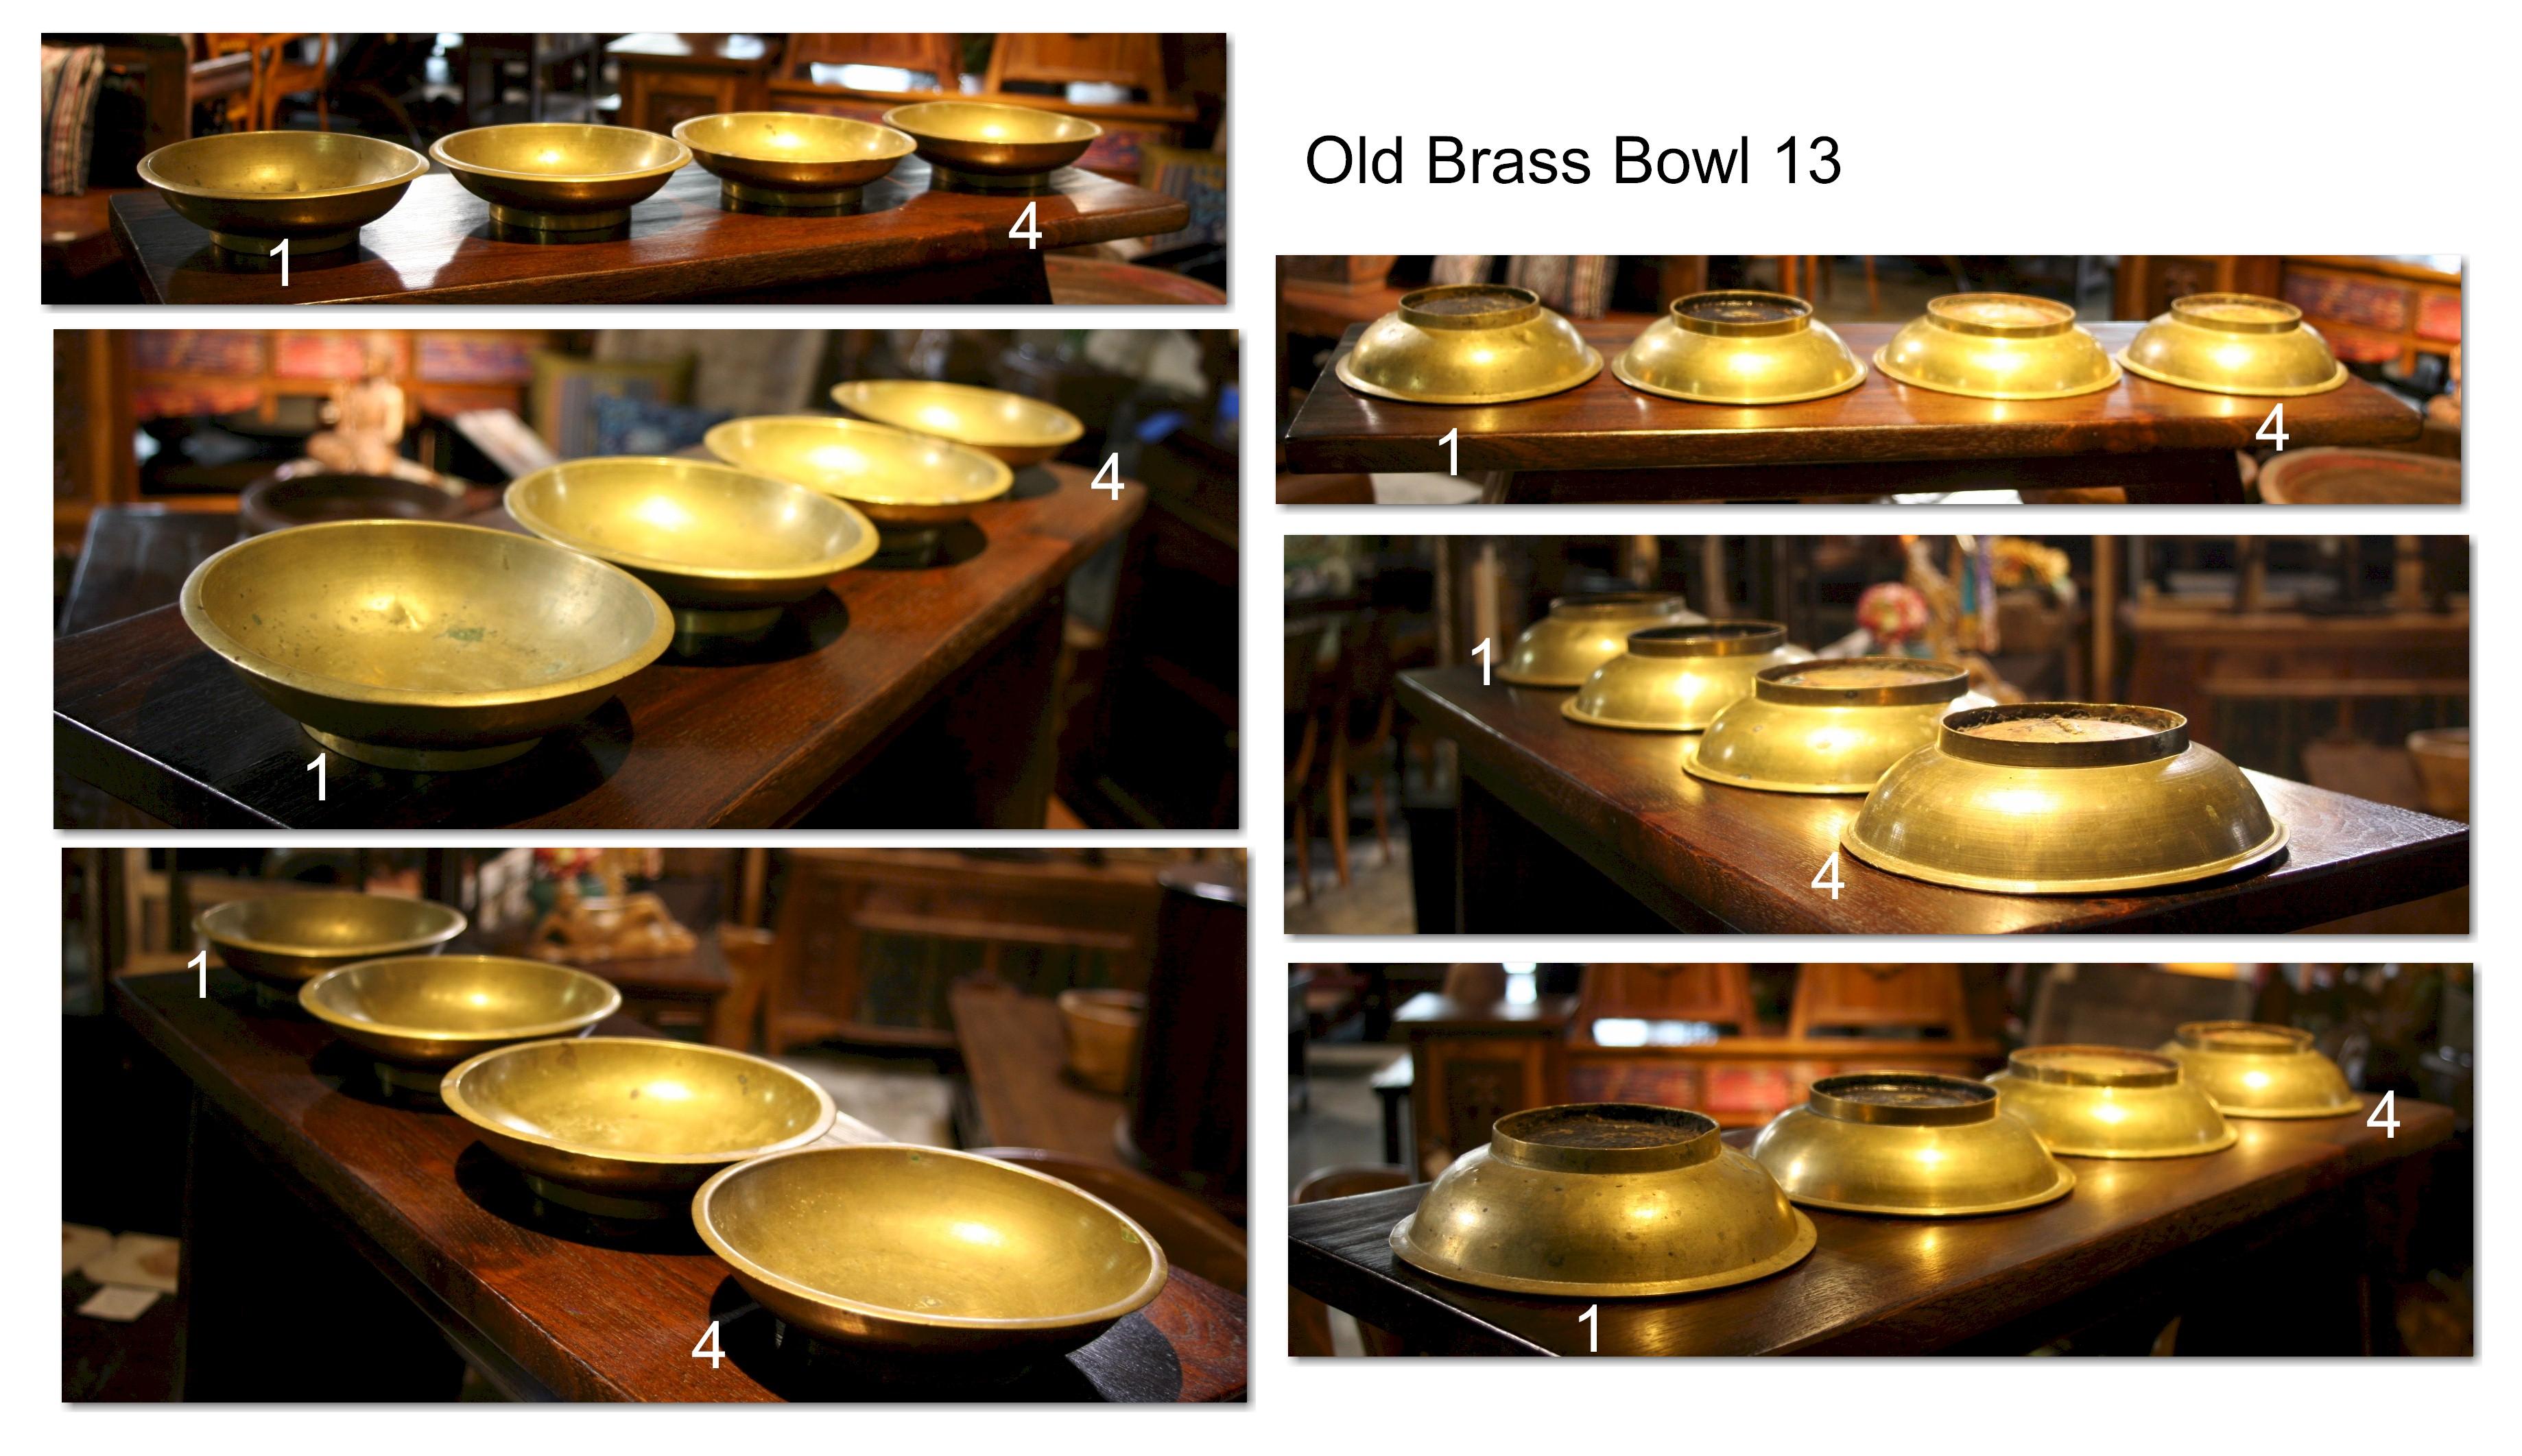 Old Brass Bowl 13